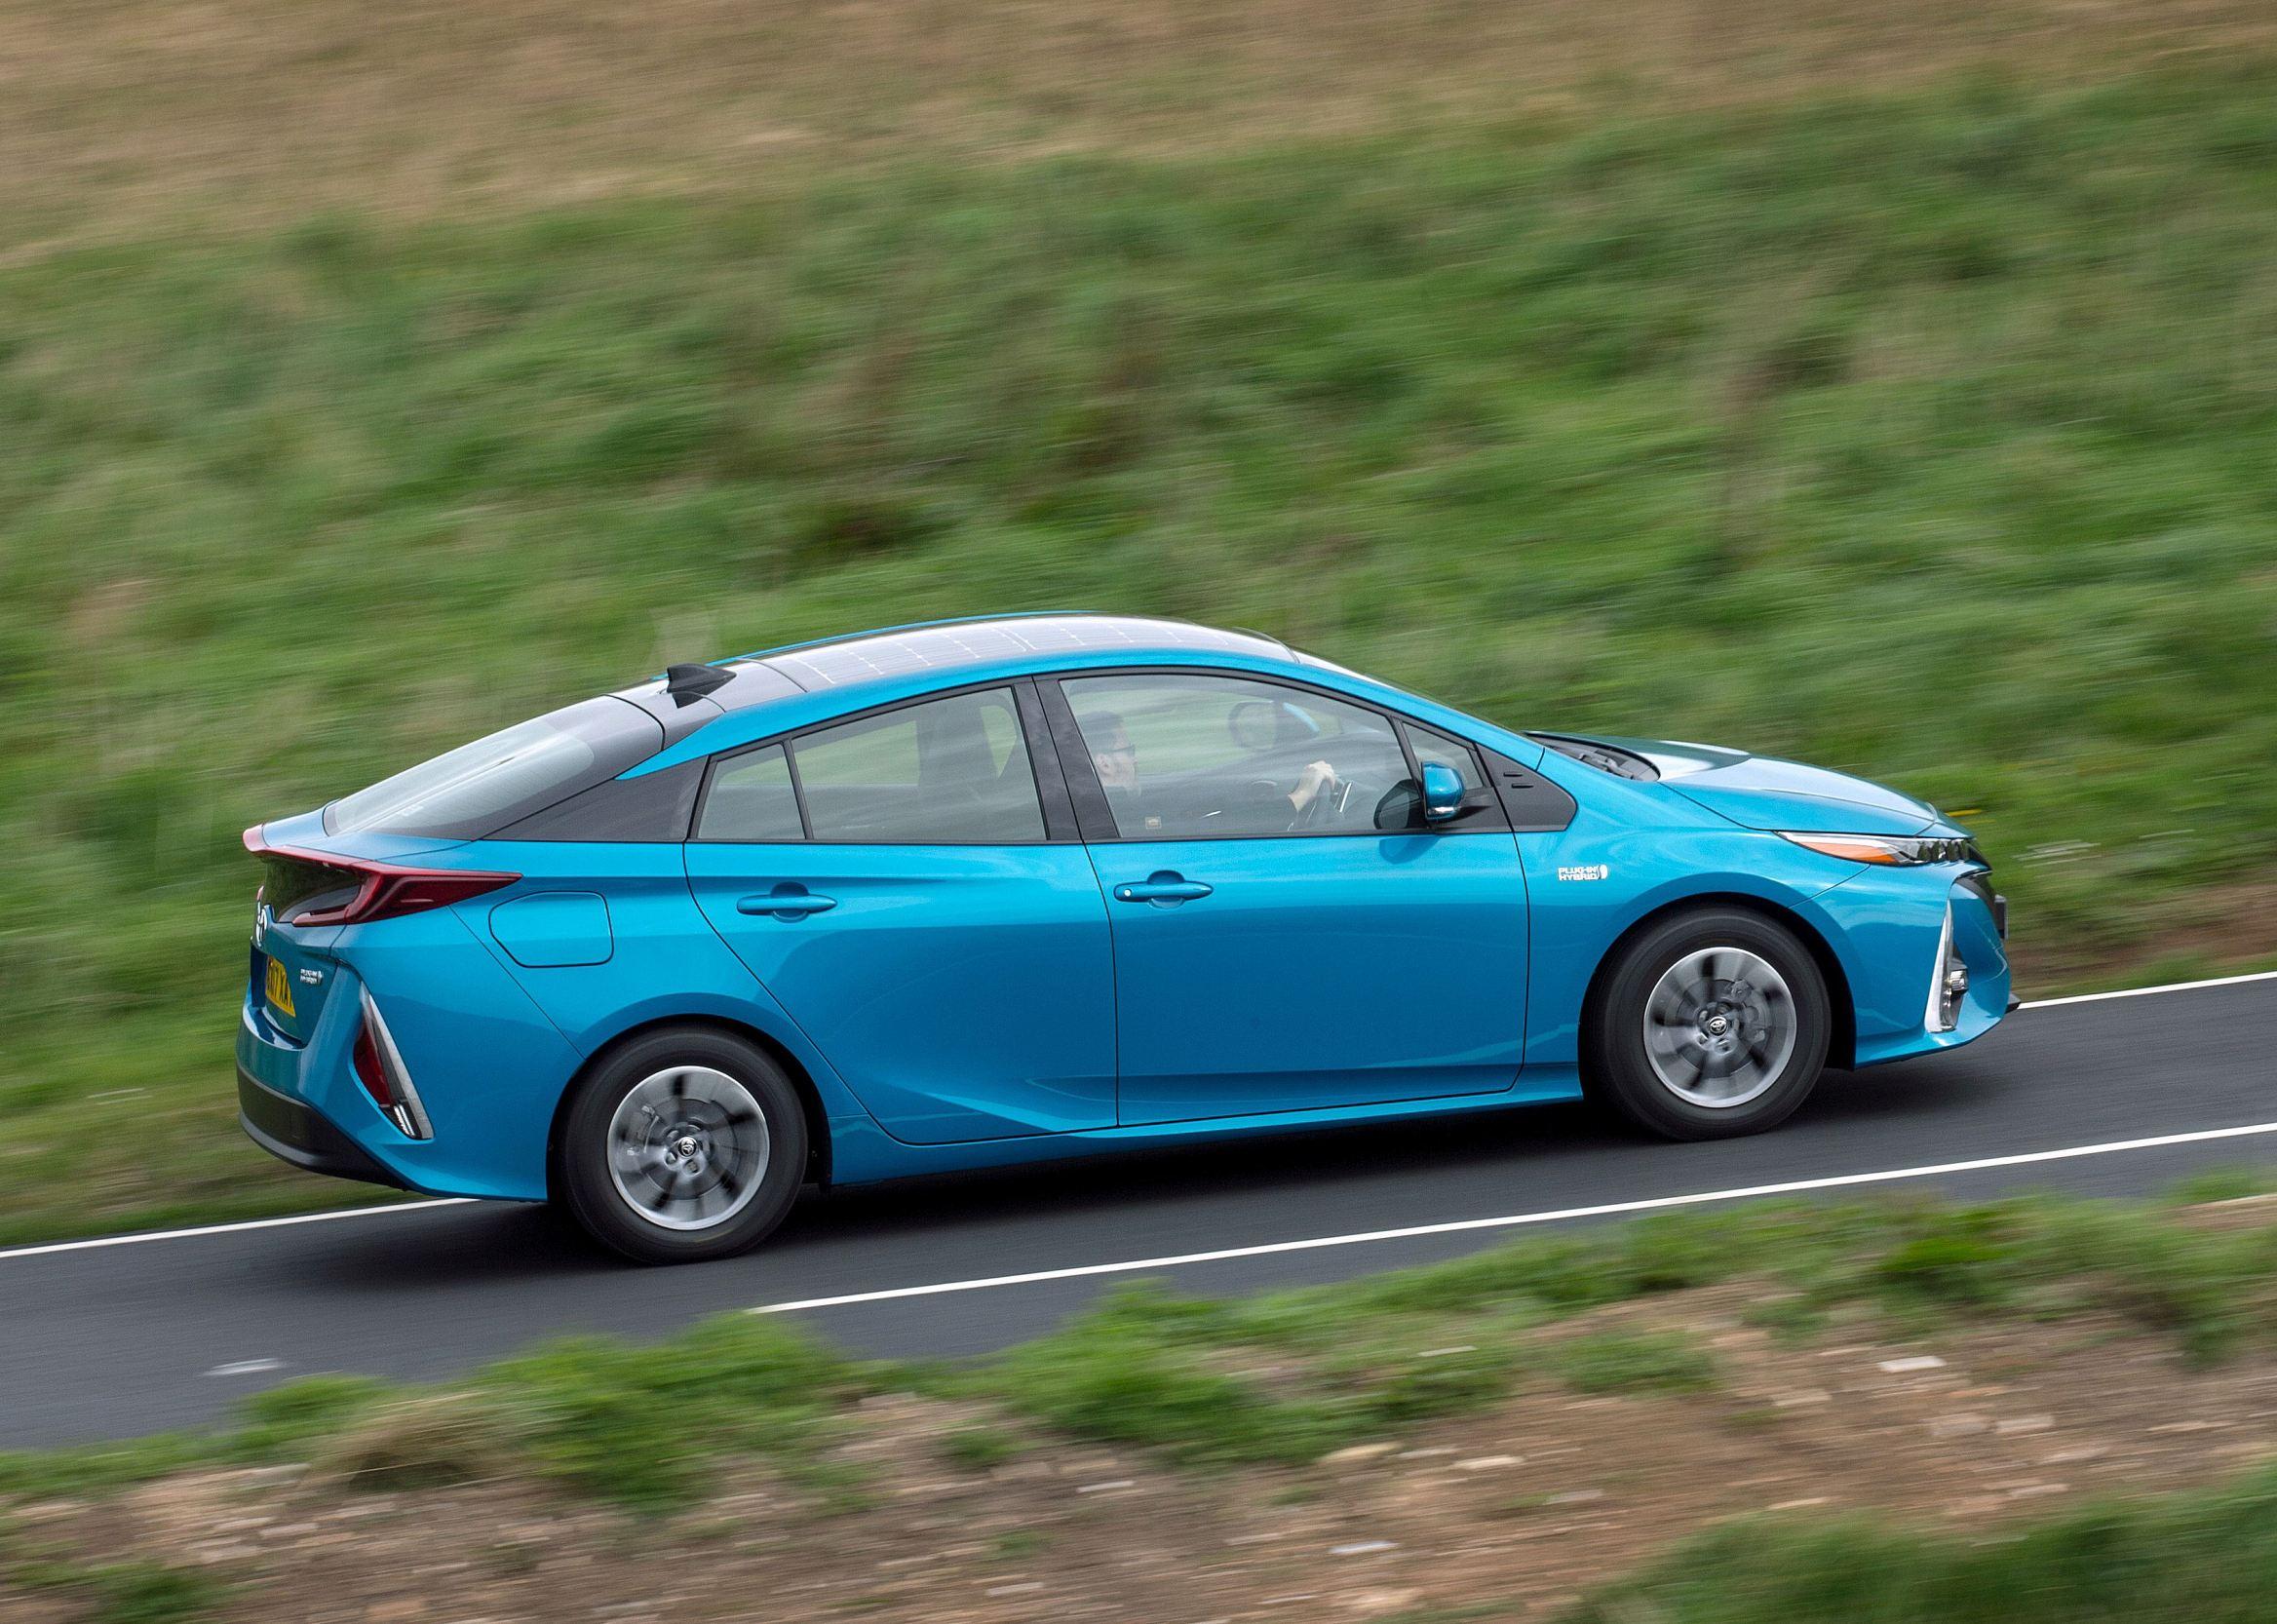 Toyota Prius Hybrid Plug